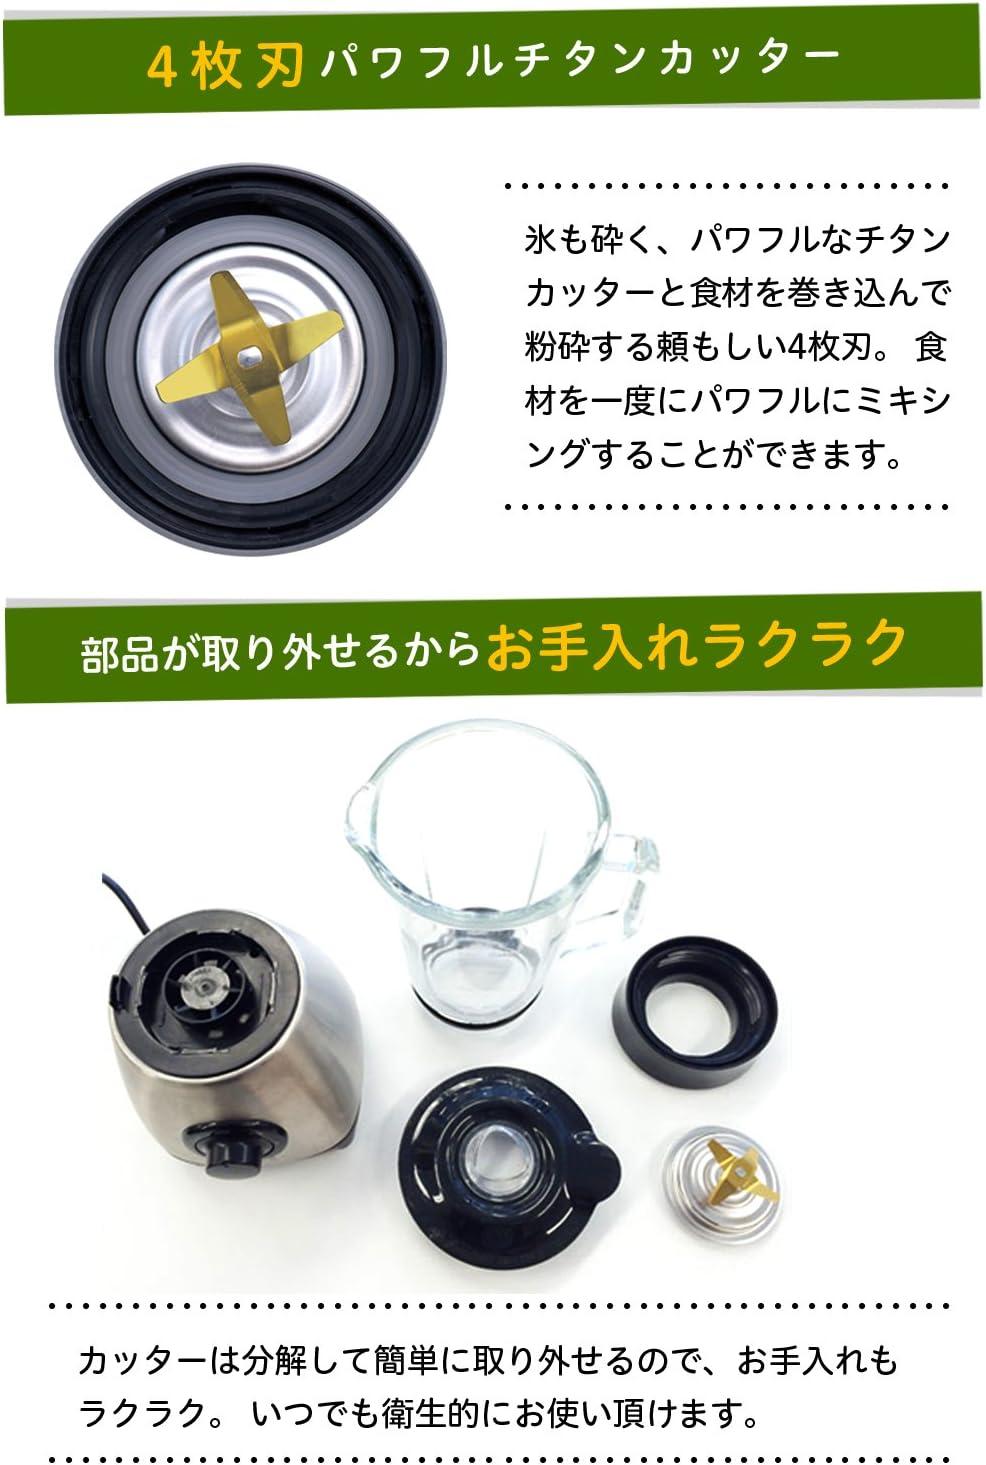 siroca(シロカ)「ミル付きミキサー SJM-180G」